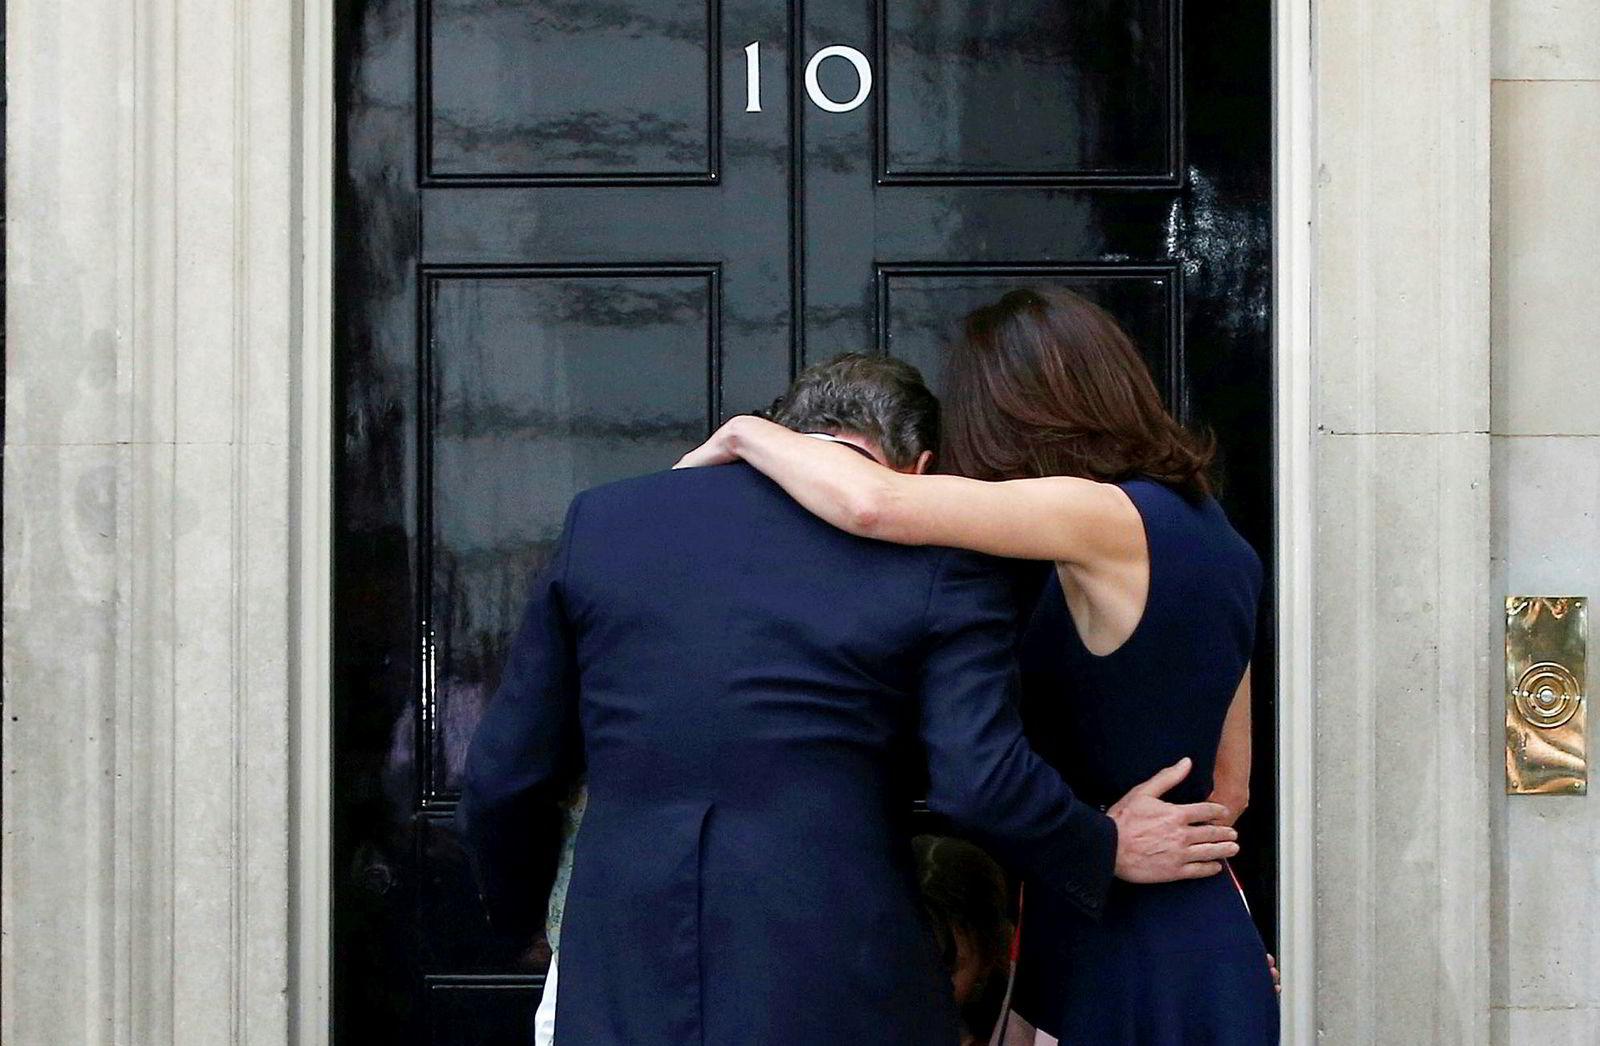 13. juli 2016:David Cameron trakk seg som statsminister dagen etter folkeavstemningen. Han gikk formelt av 13. juli. Cameron ville holde en folkeavstemning for å styrke enheten i Det konservative partiet. Veddemålet til Cameron endte som vi vet med et stort mageplask, og fikk på dette bilde en trøsteklem fra kona Samantha og barna deres.